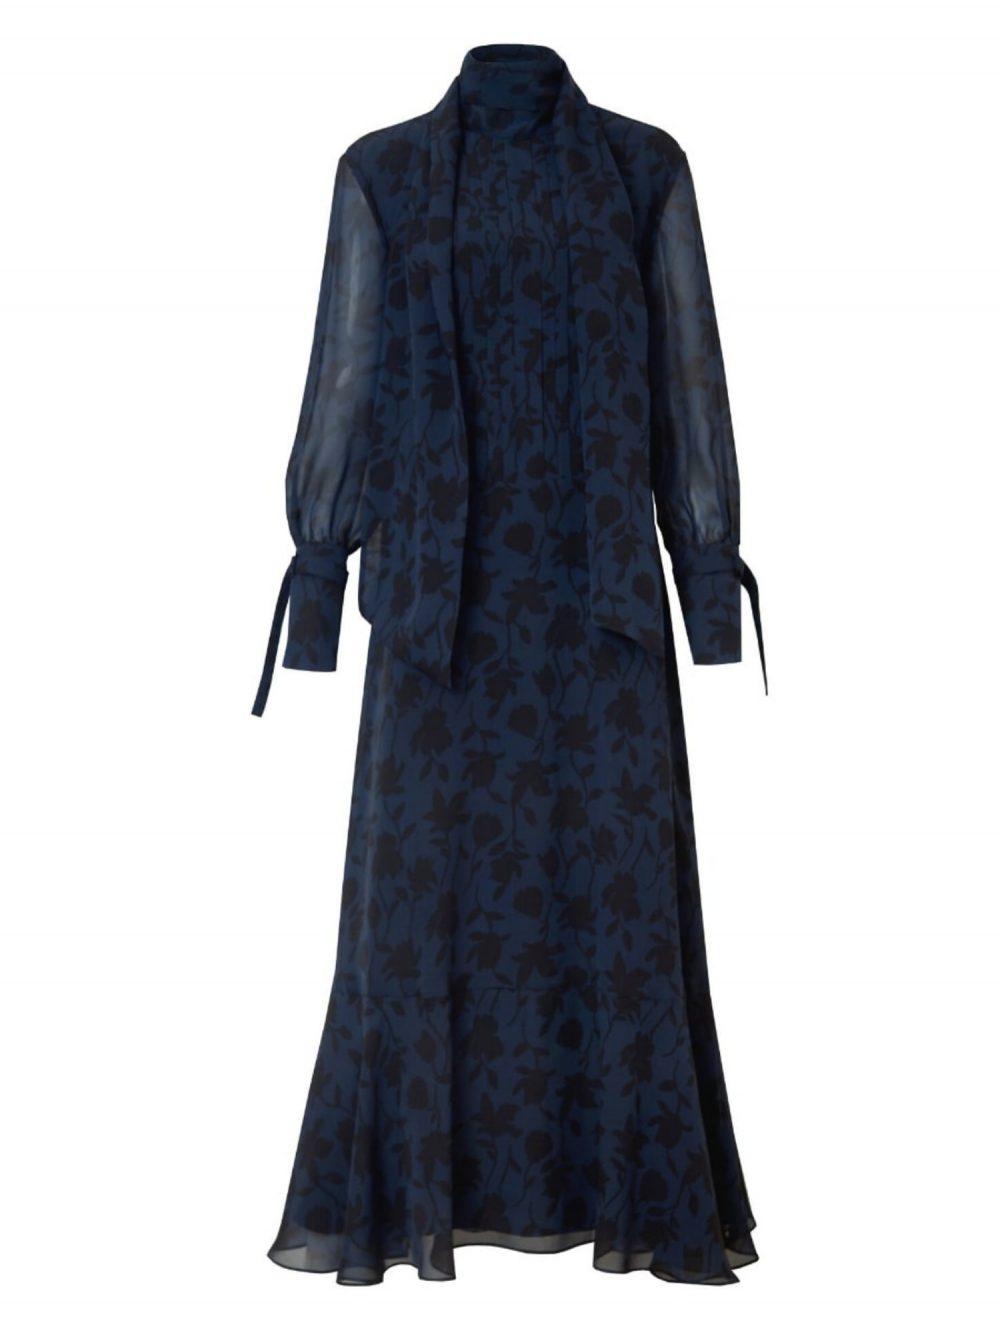 EVIE maxi dress